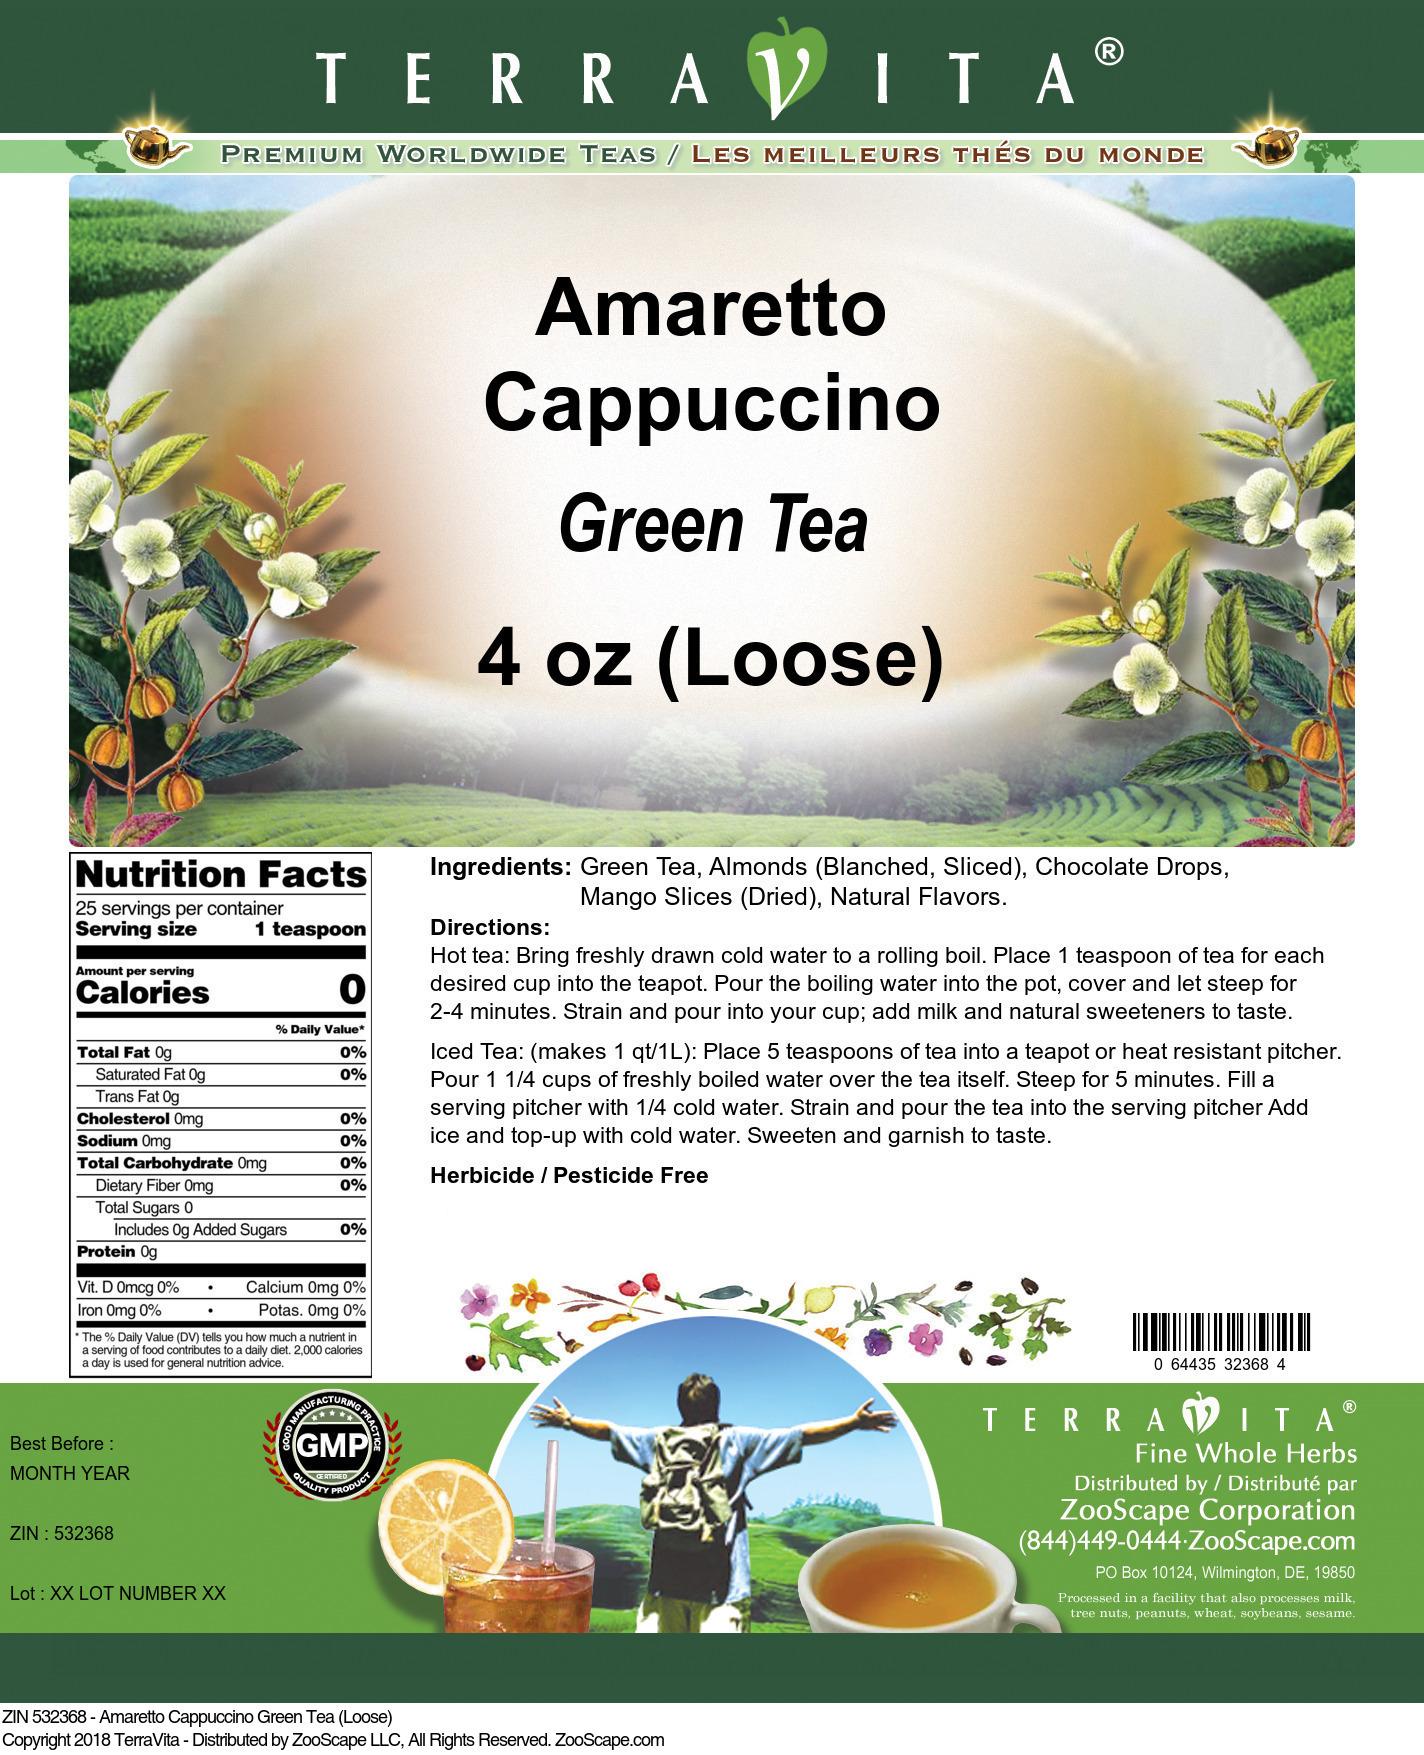 Amaretto Cappuccino Green Tea